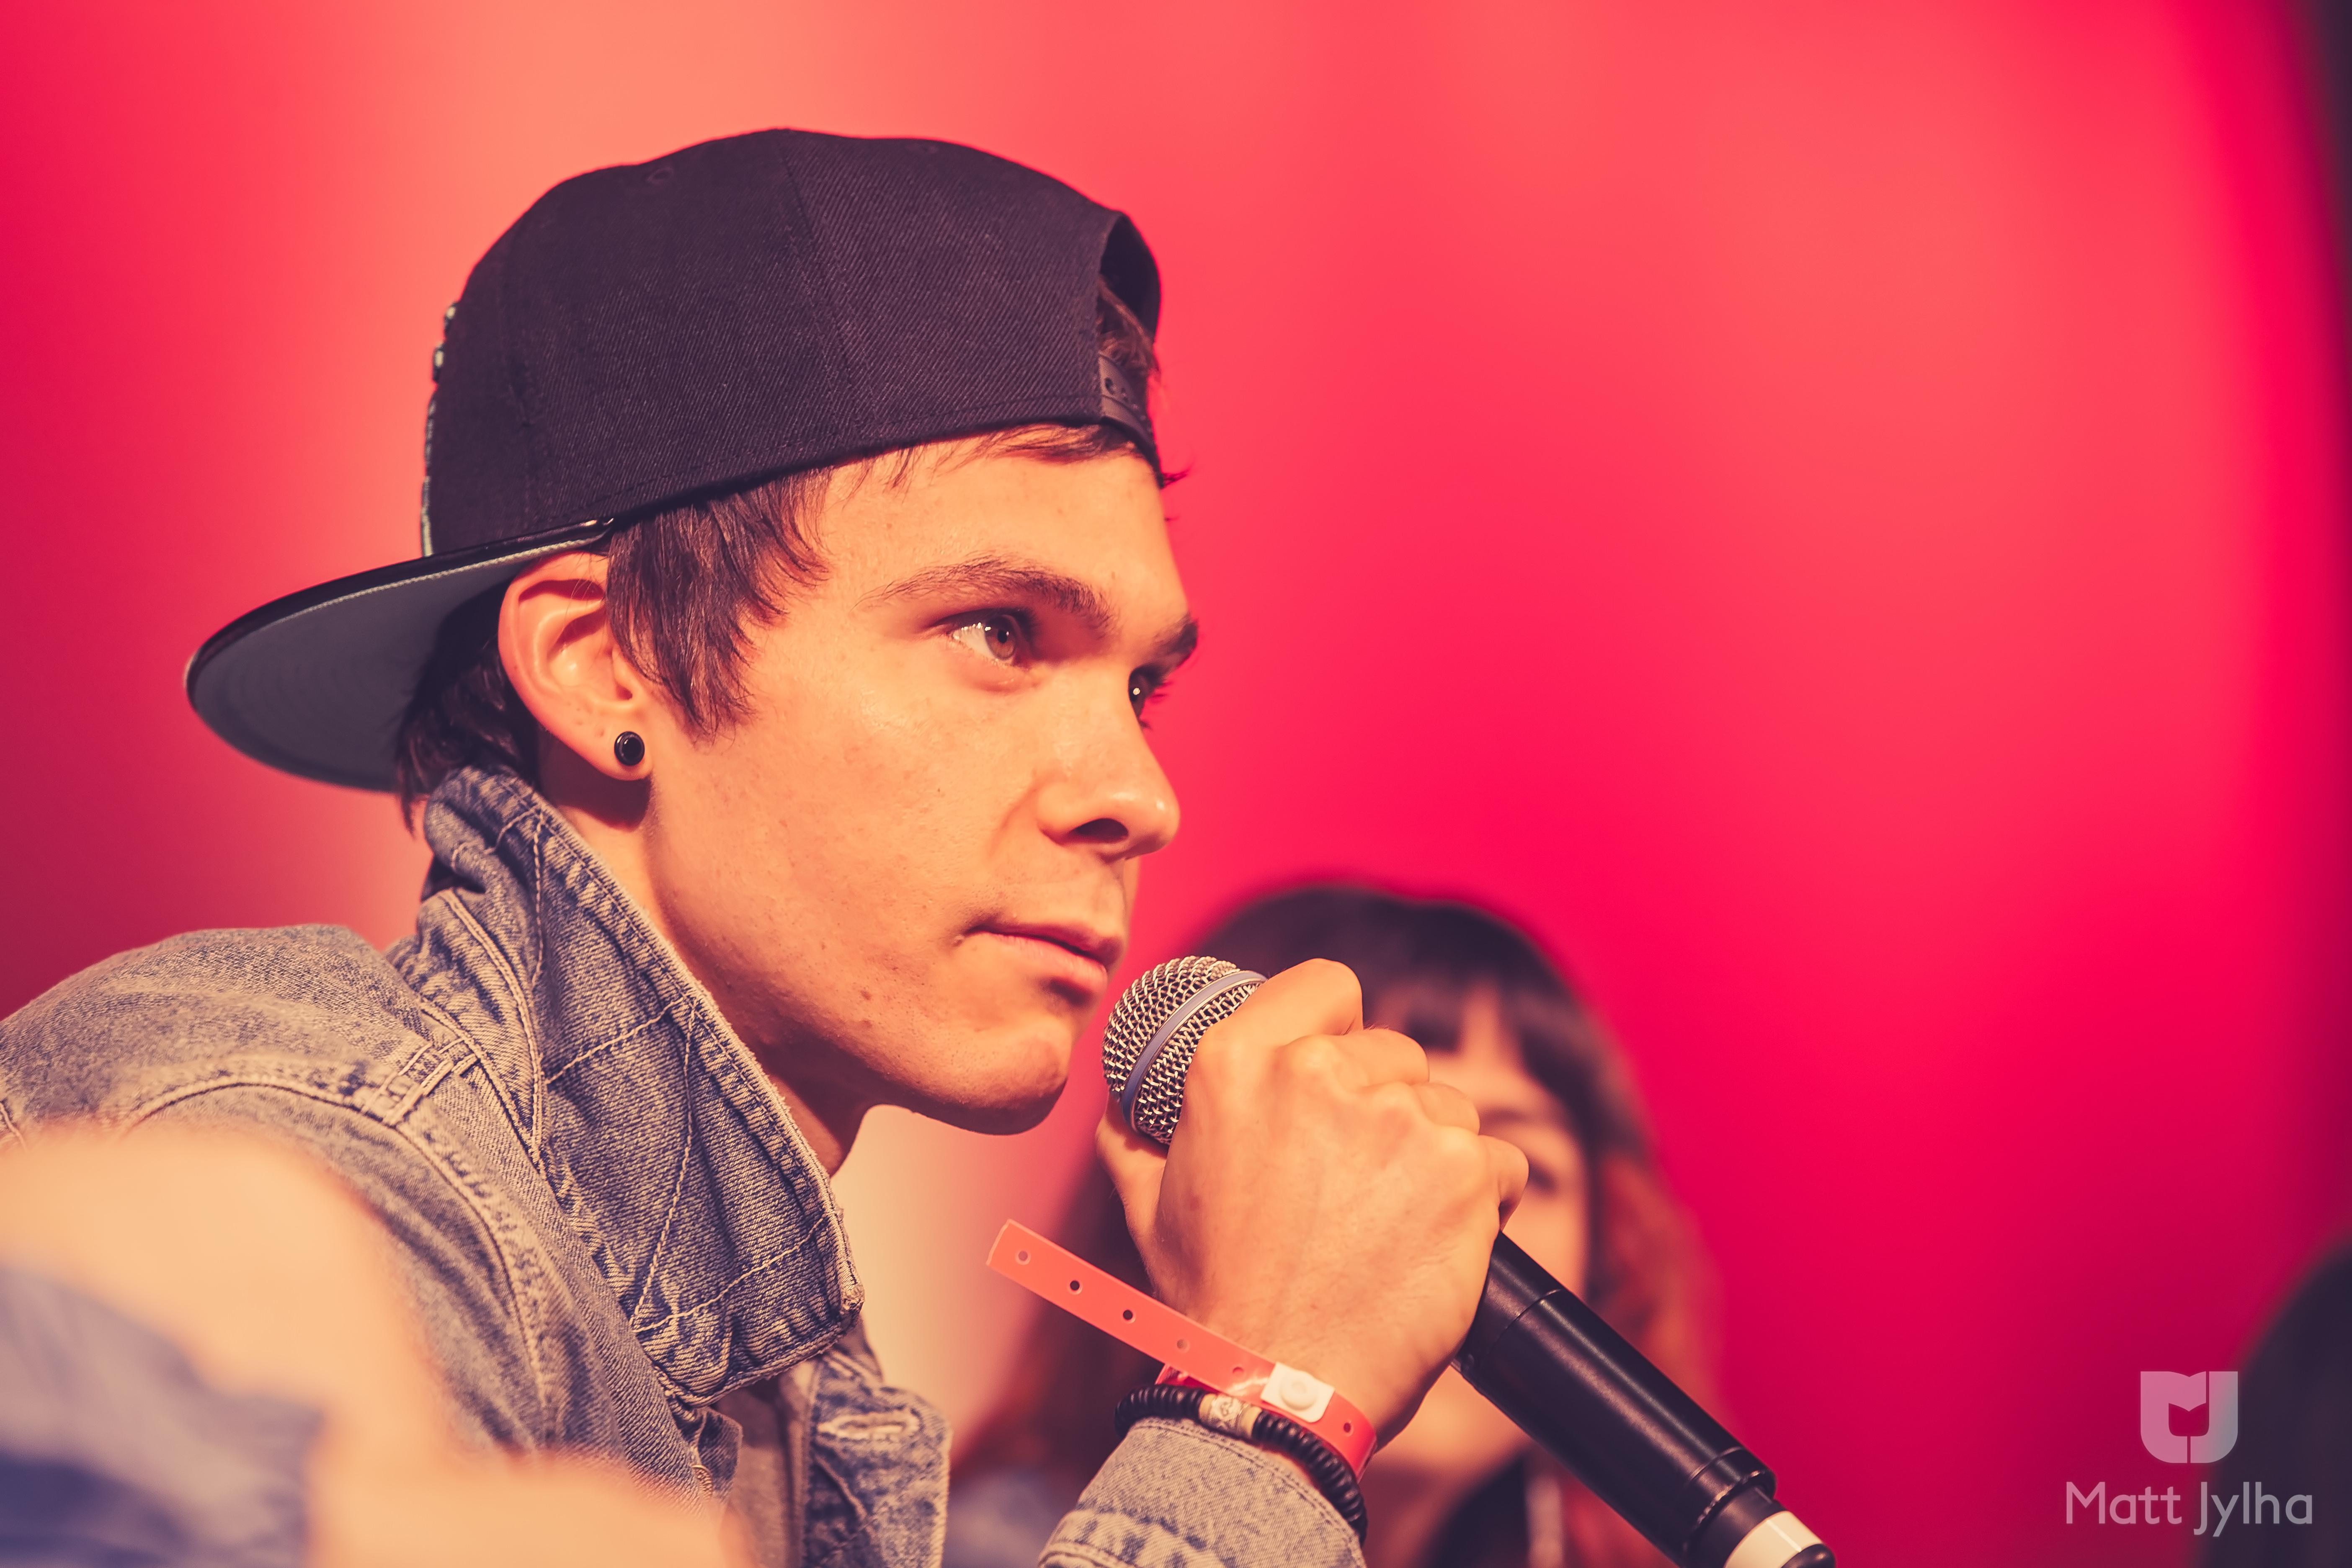 Orlando_Concert_Photographer_Matt_Jylha_208